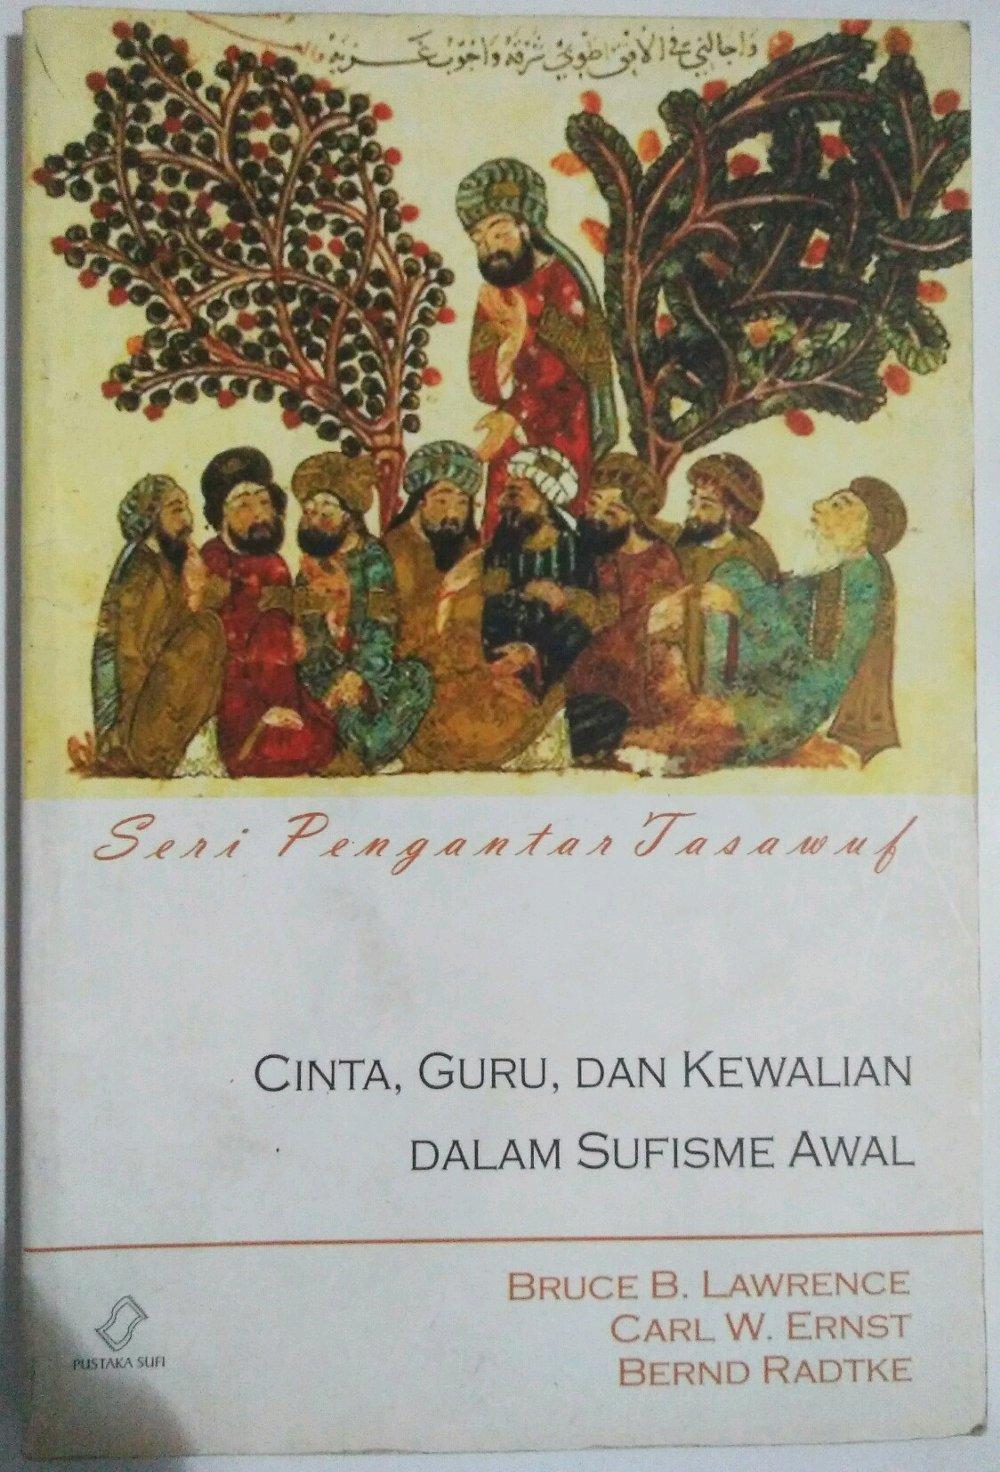 CINTA, GURU, DAN KEWALIAN DALAM SUFISME AWAL; Seri Pengantar Tasawuf